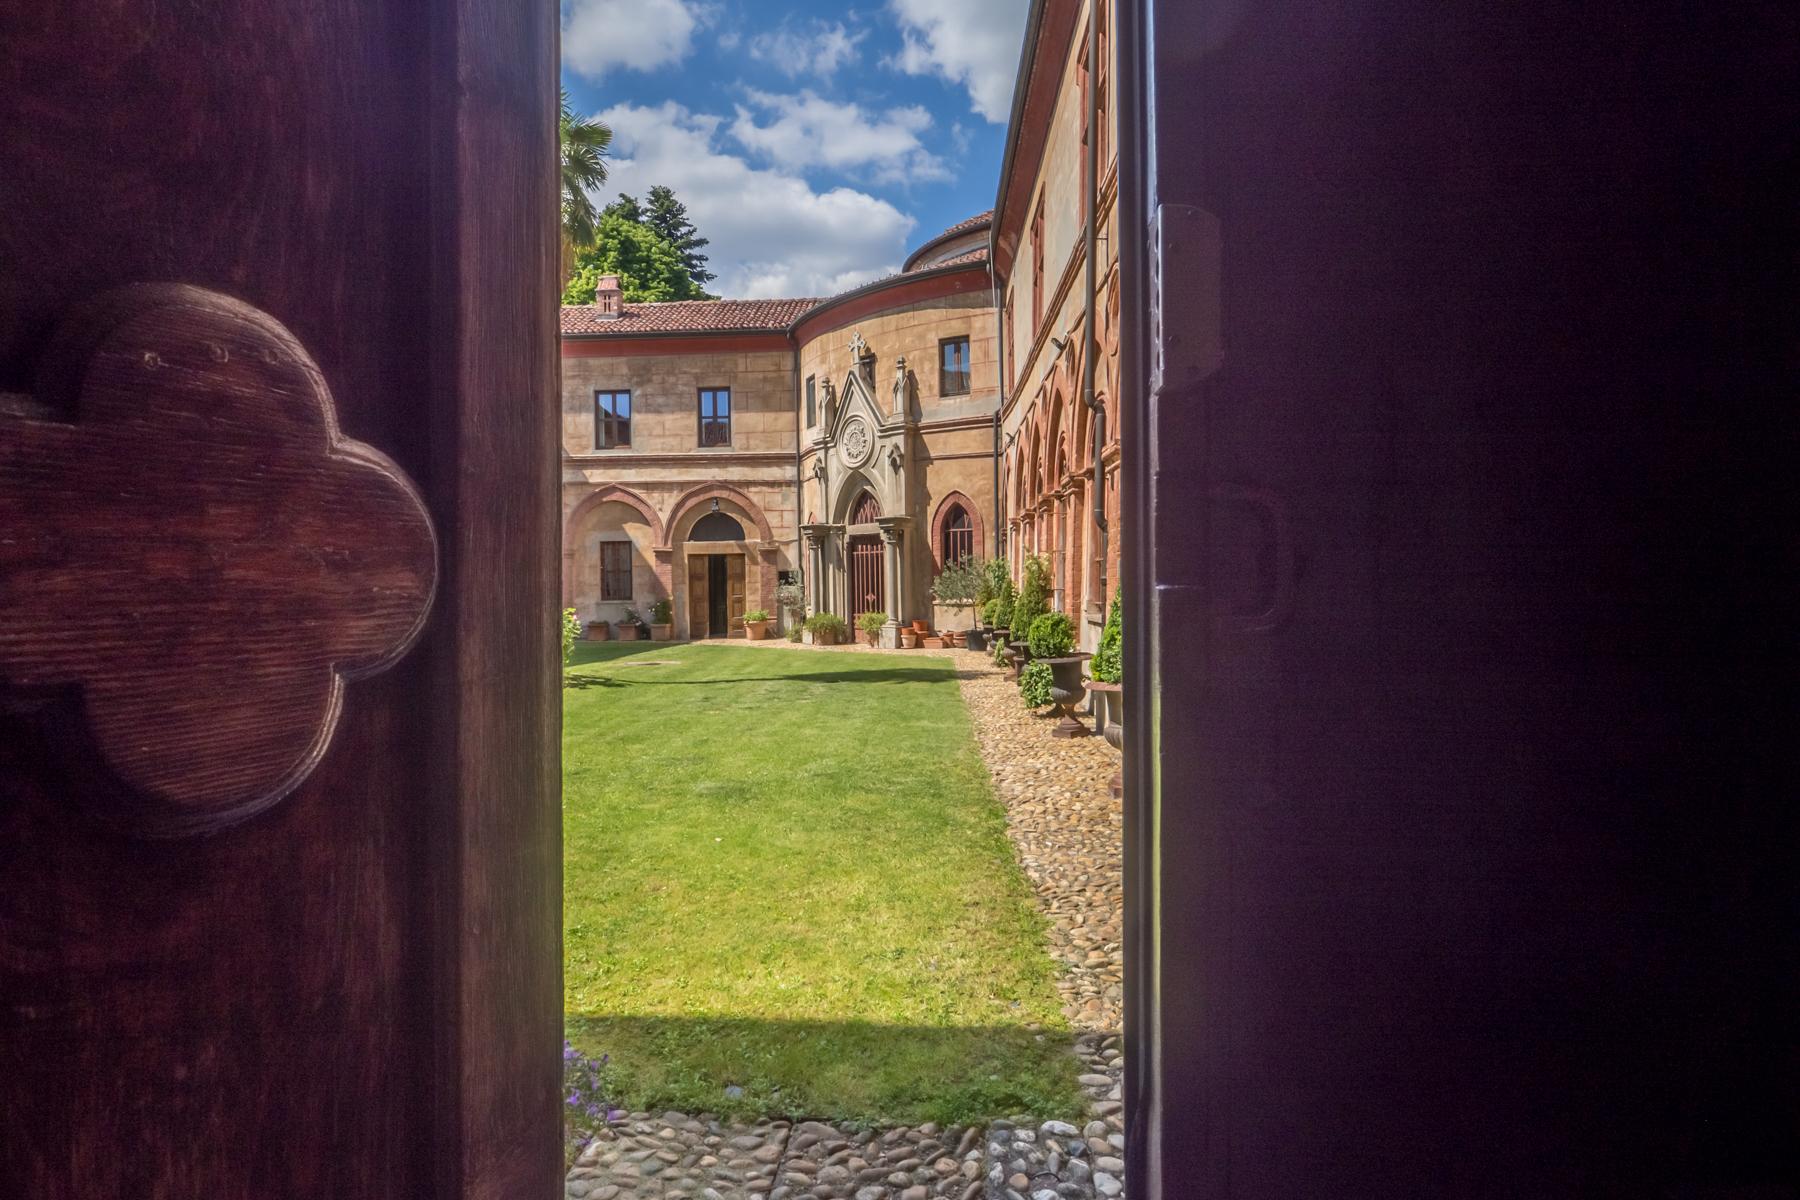 Appartamento in Vendita a Moncalieri strada castelvecchio